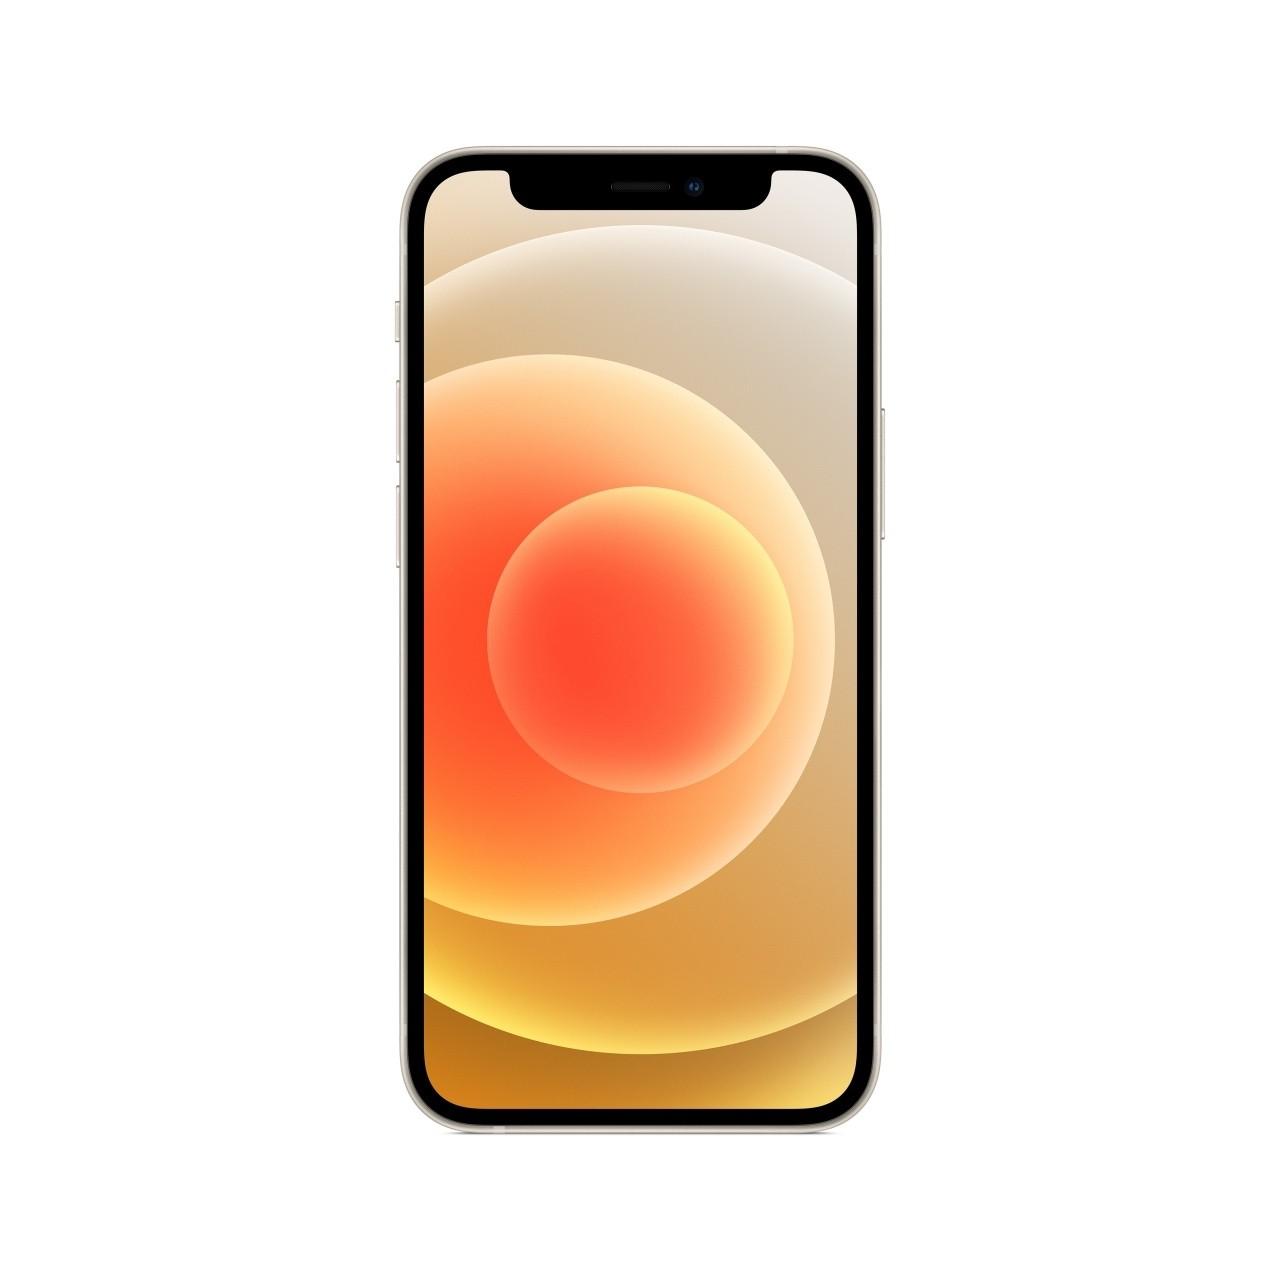 Apple iPhone 12 mini 5G 64 GB Bianco